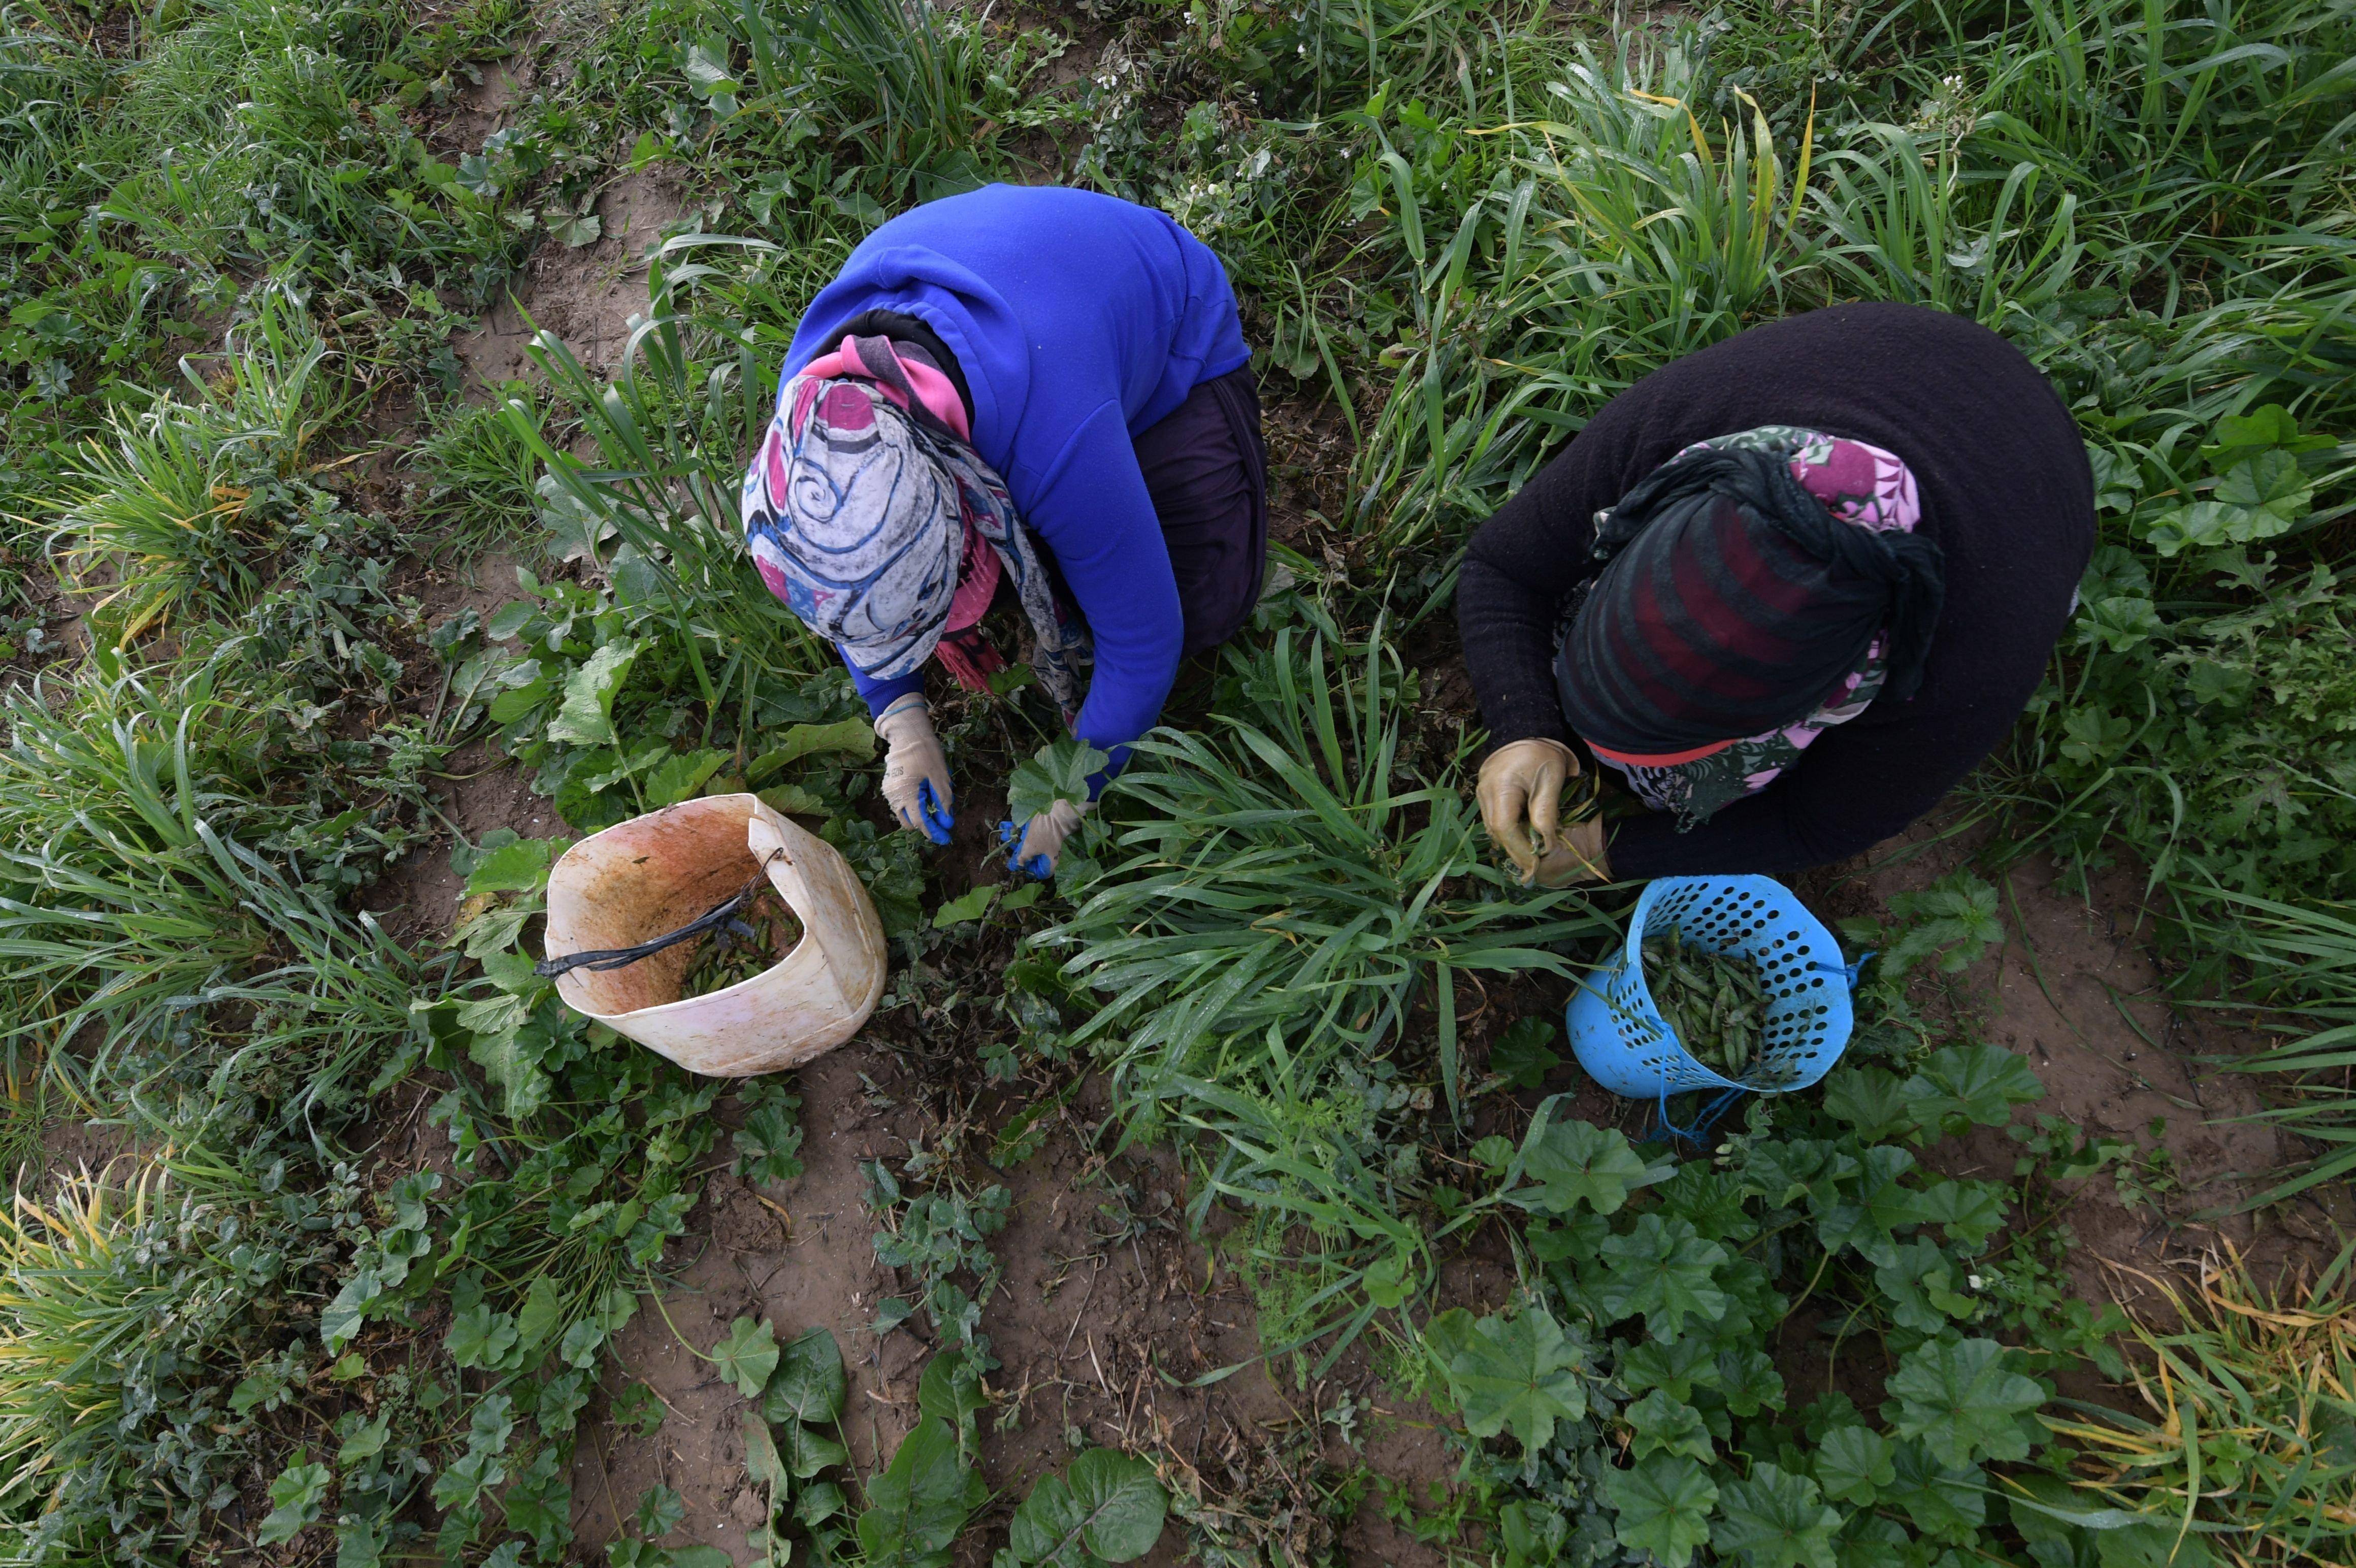 Salah Lamouchi, cet agriculteur tunisien qui appelle à agir contre le changement